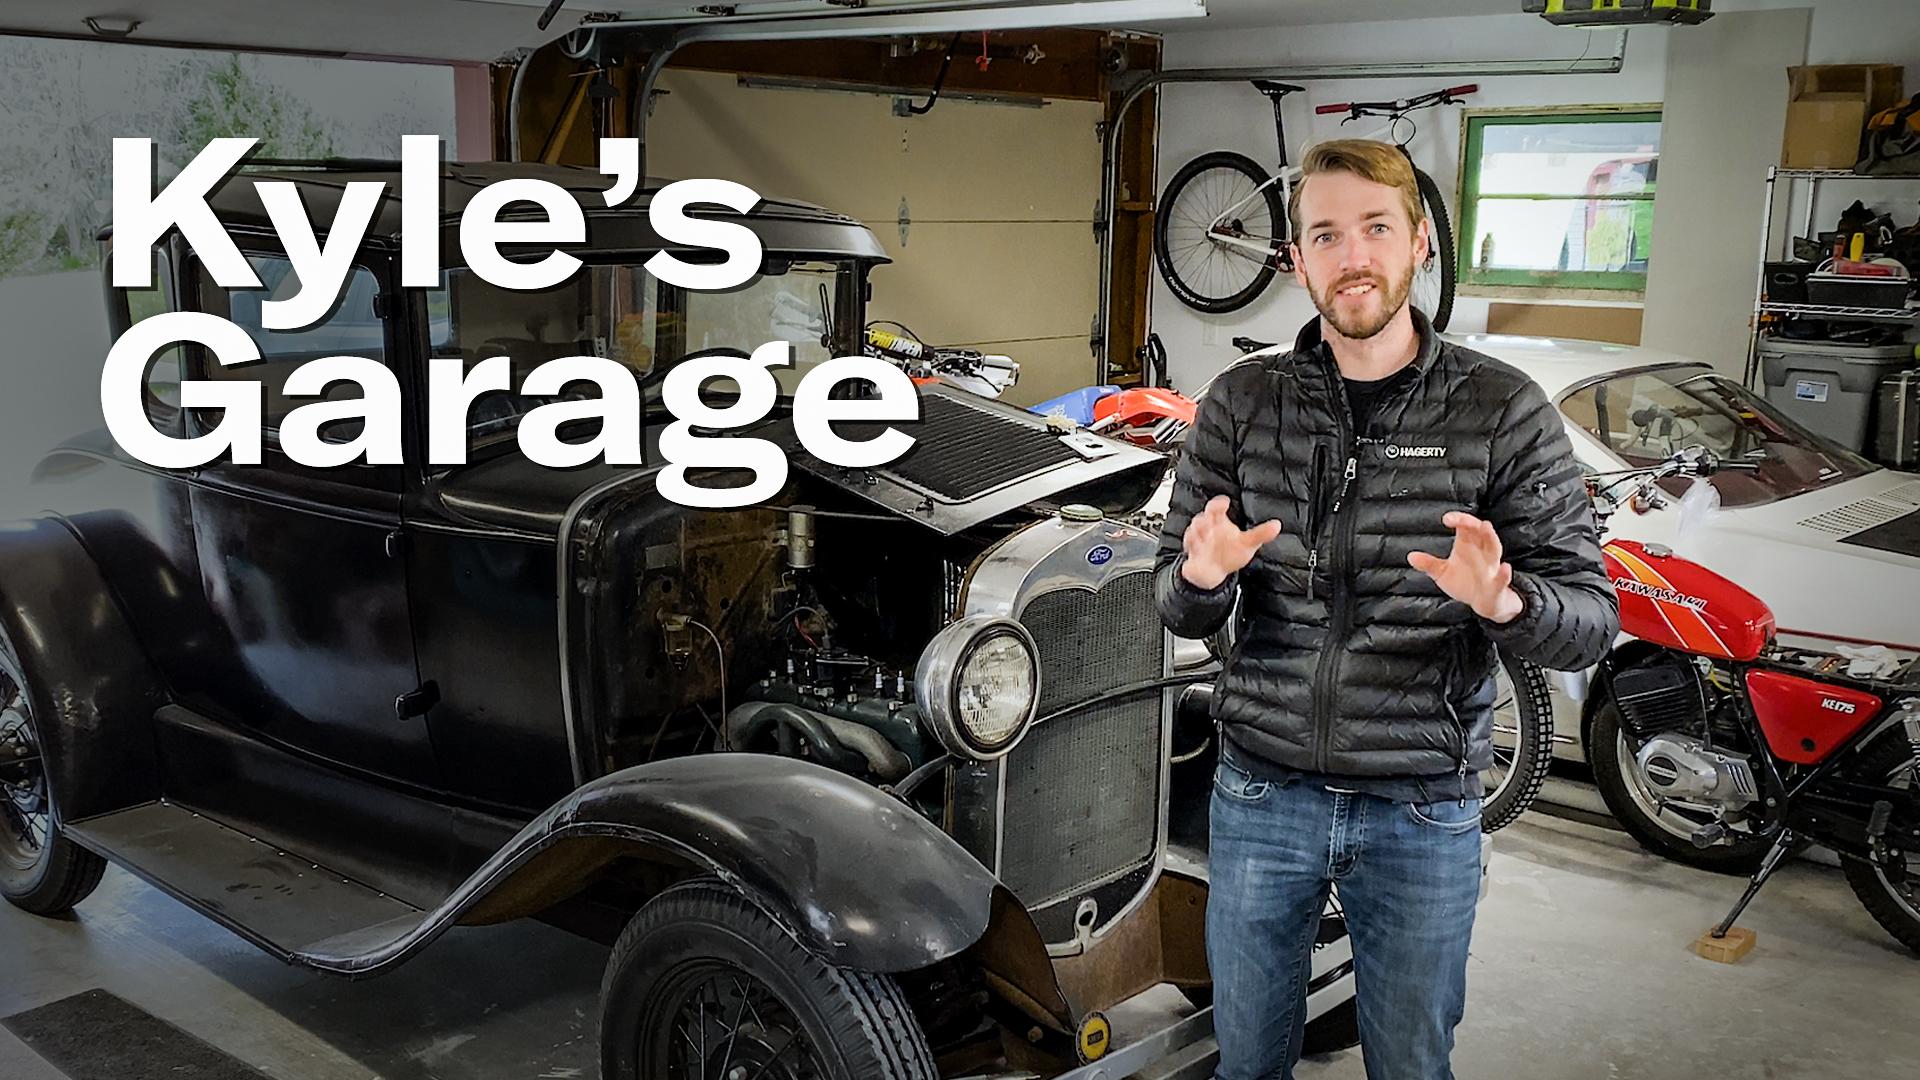 Kyle's Garage episode 2